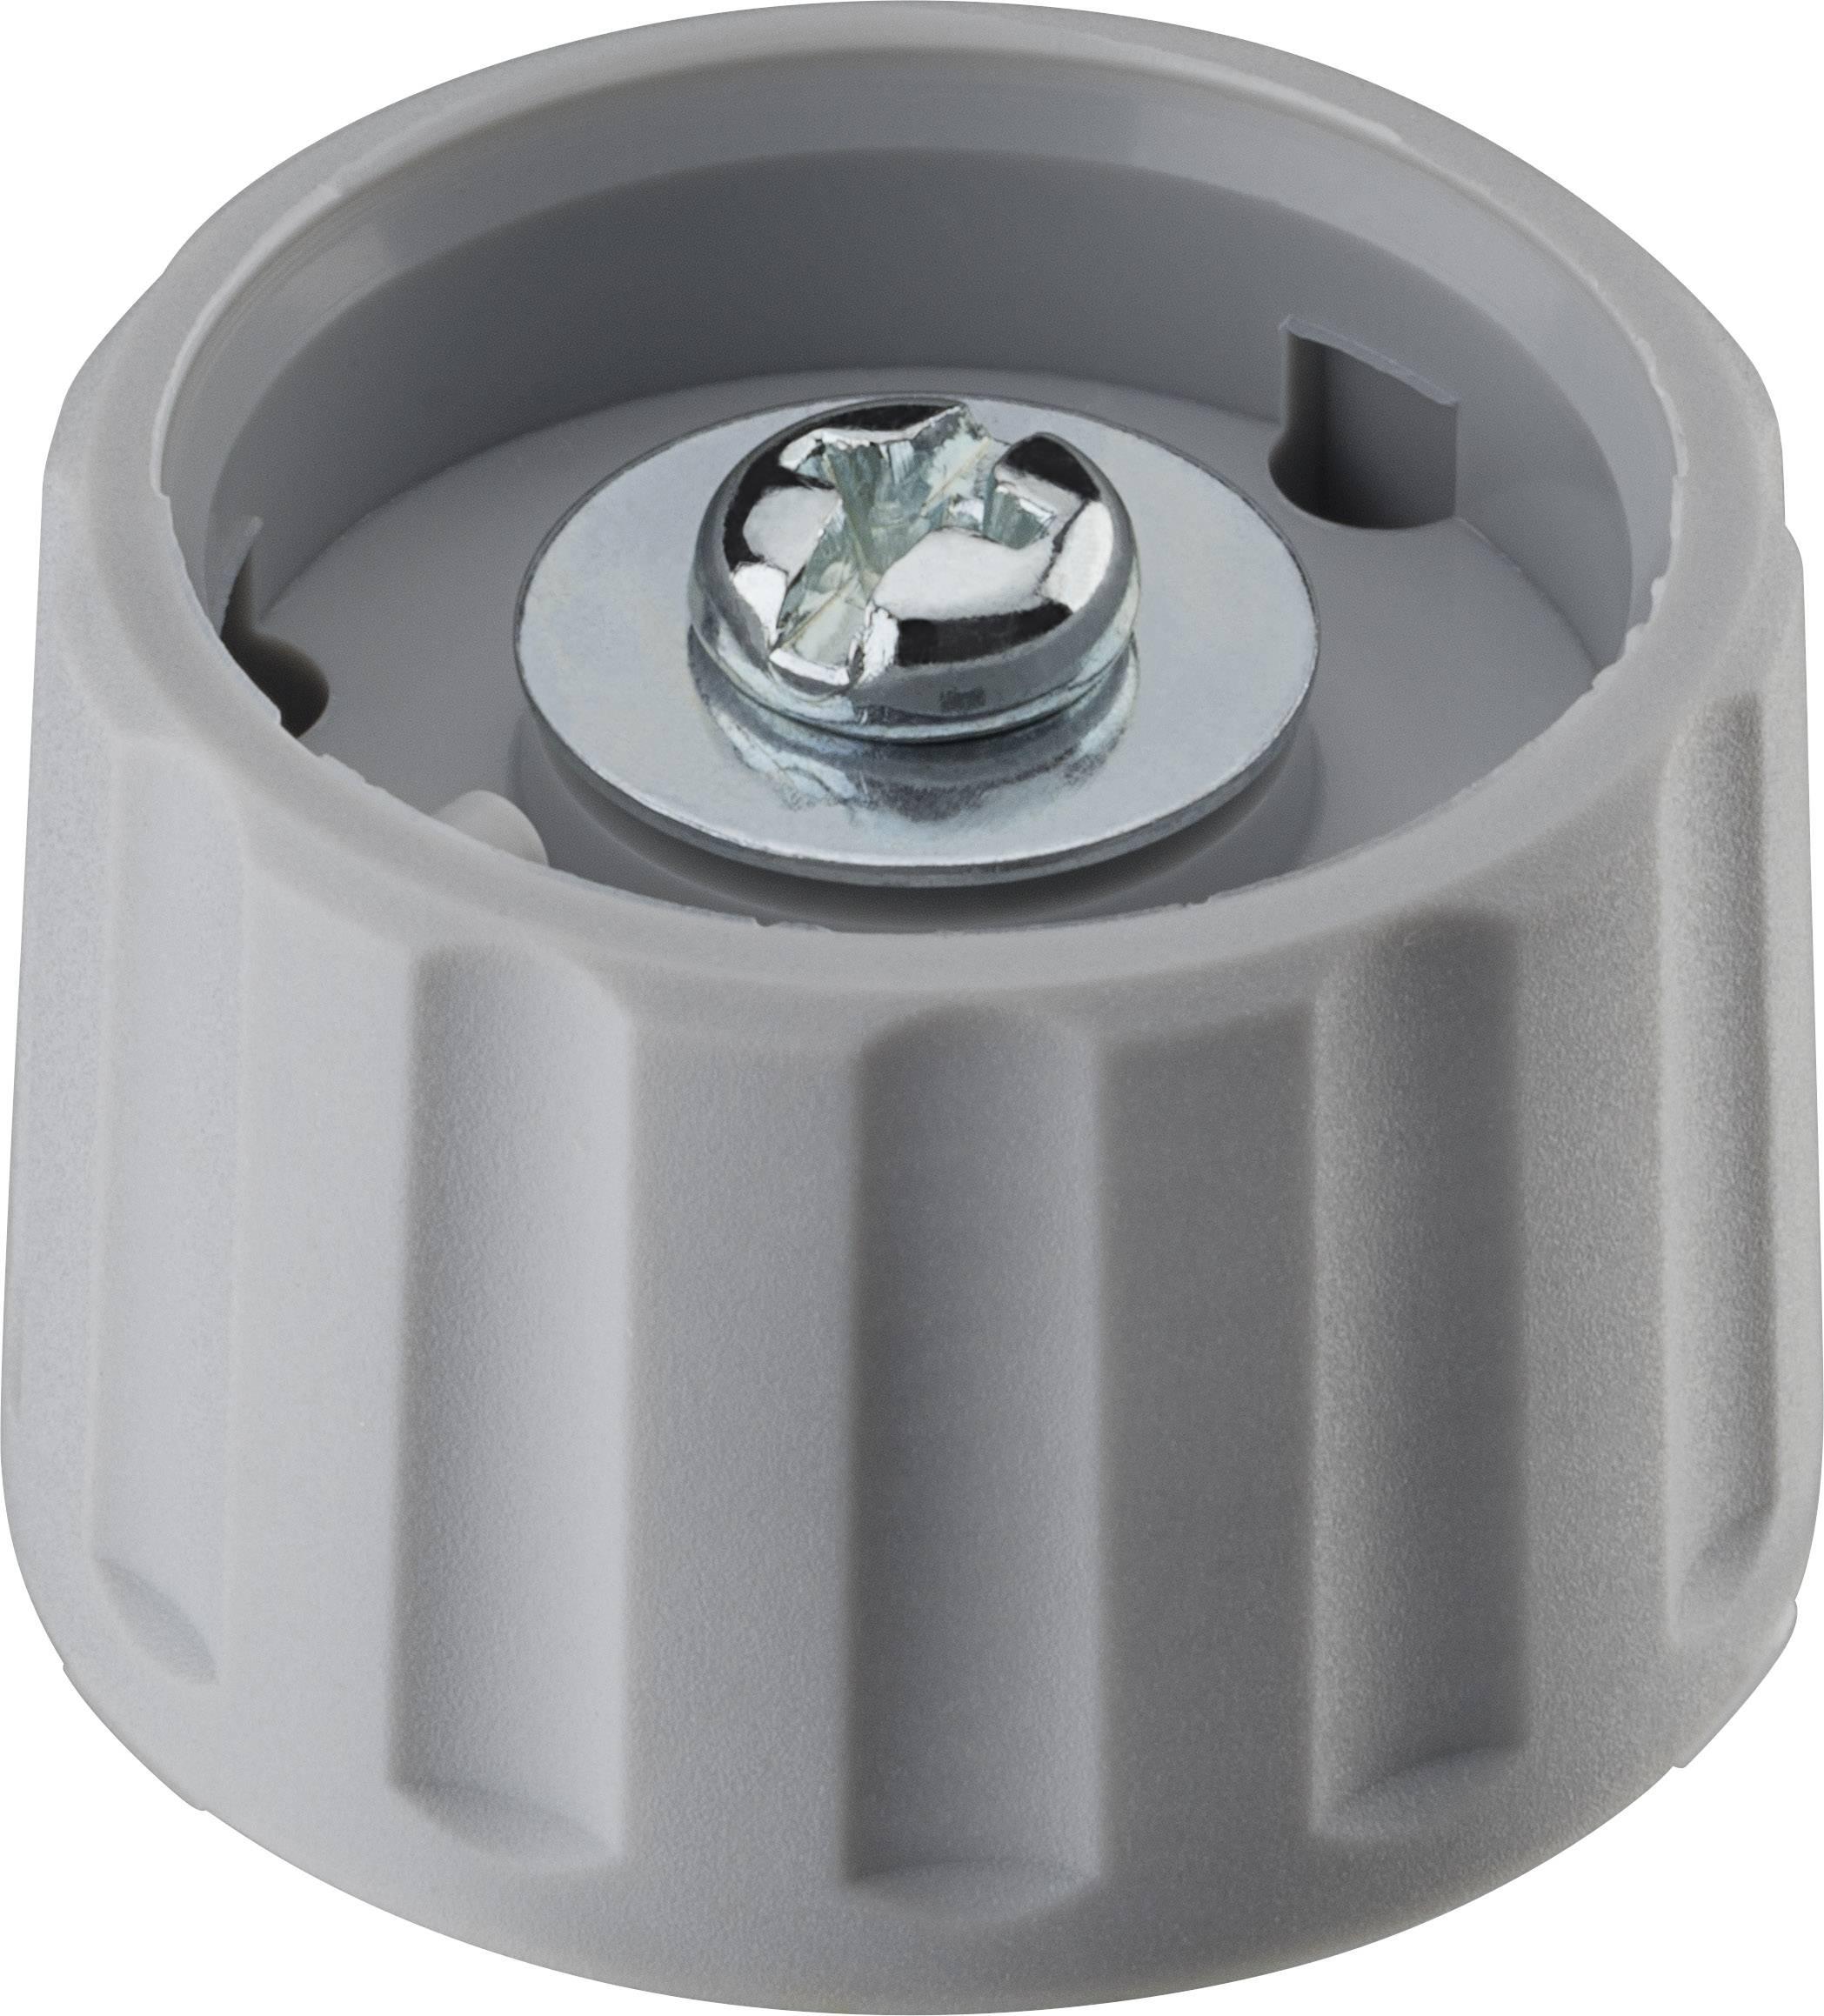 Otočný gombík Ritel 26 28 60 1, (Ø x v) 28 mm x 18.2 mm, sivá, 1 ks